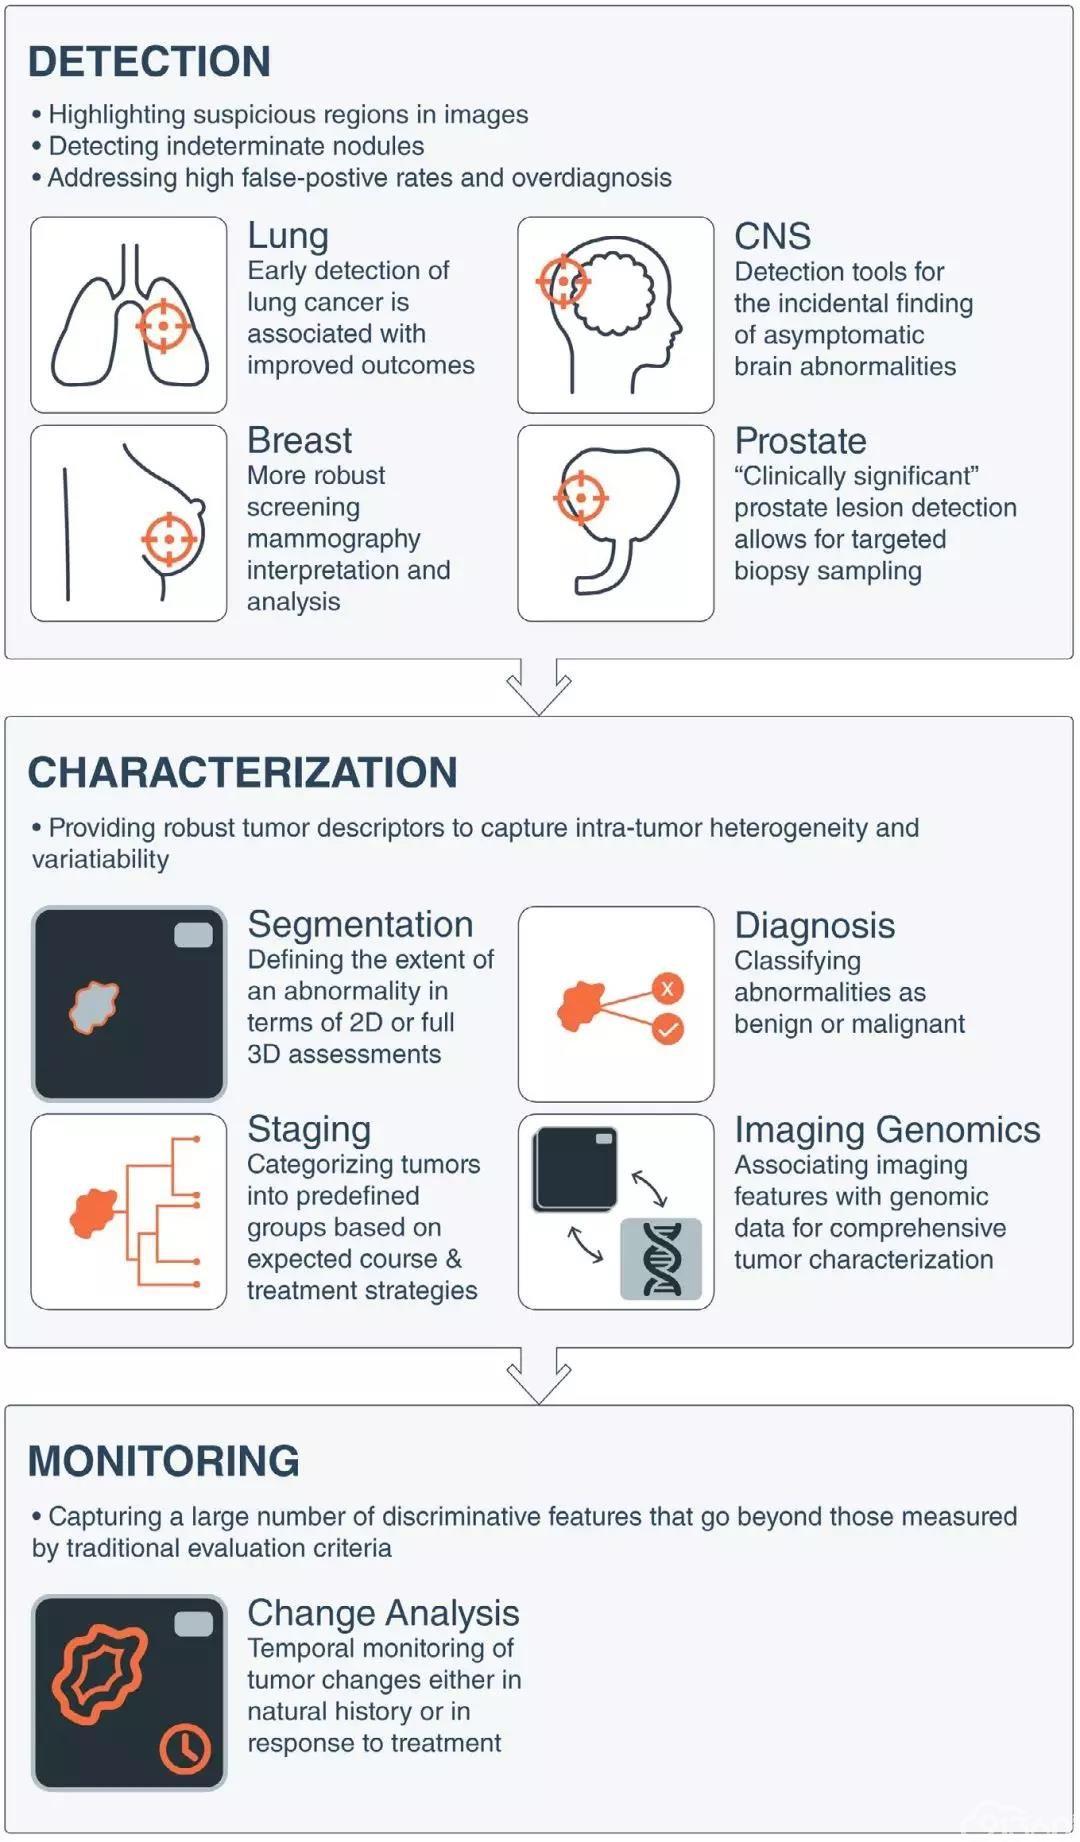 值得收藏!神刊CA(IF=224)全面分析:AI技术在癌症中的应用!